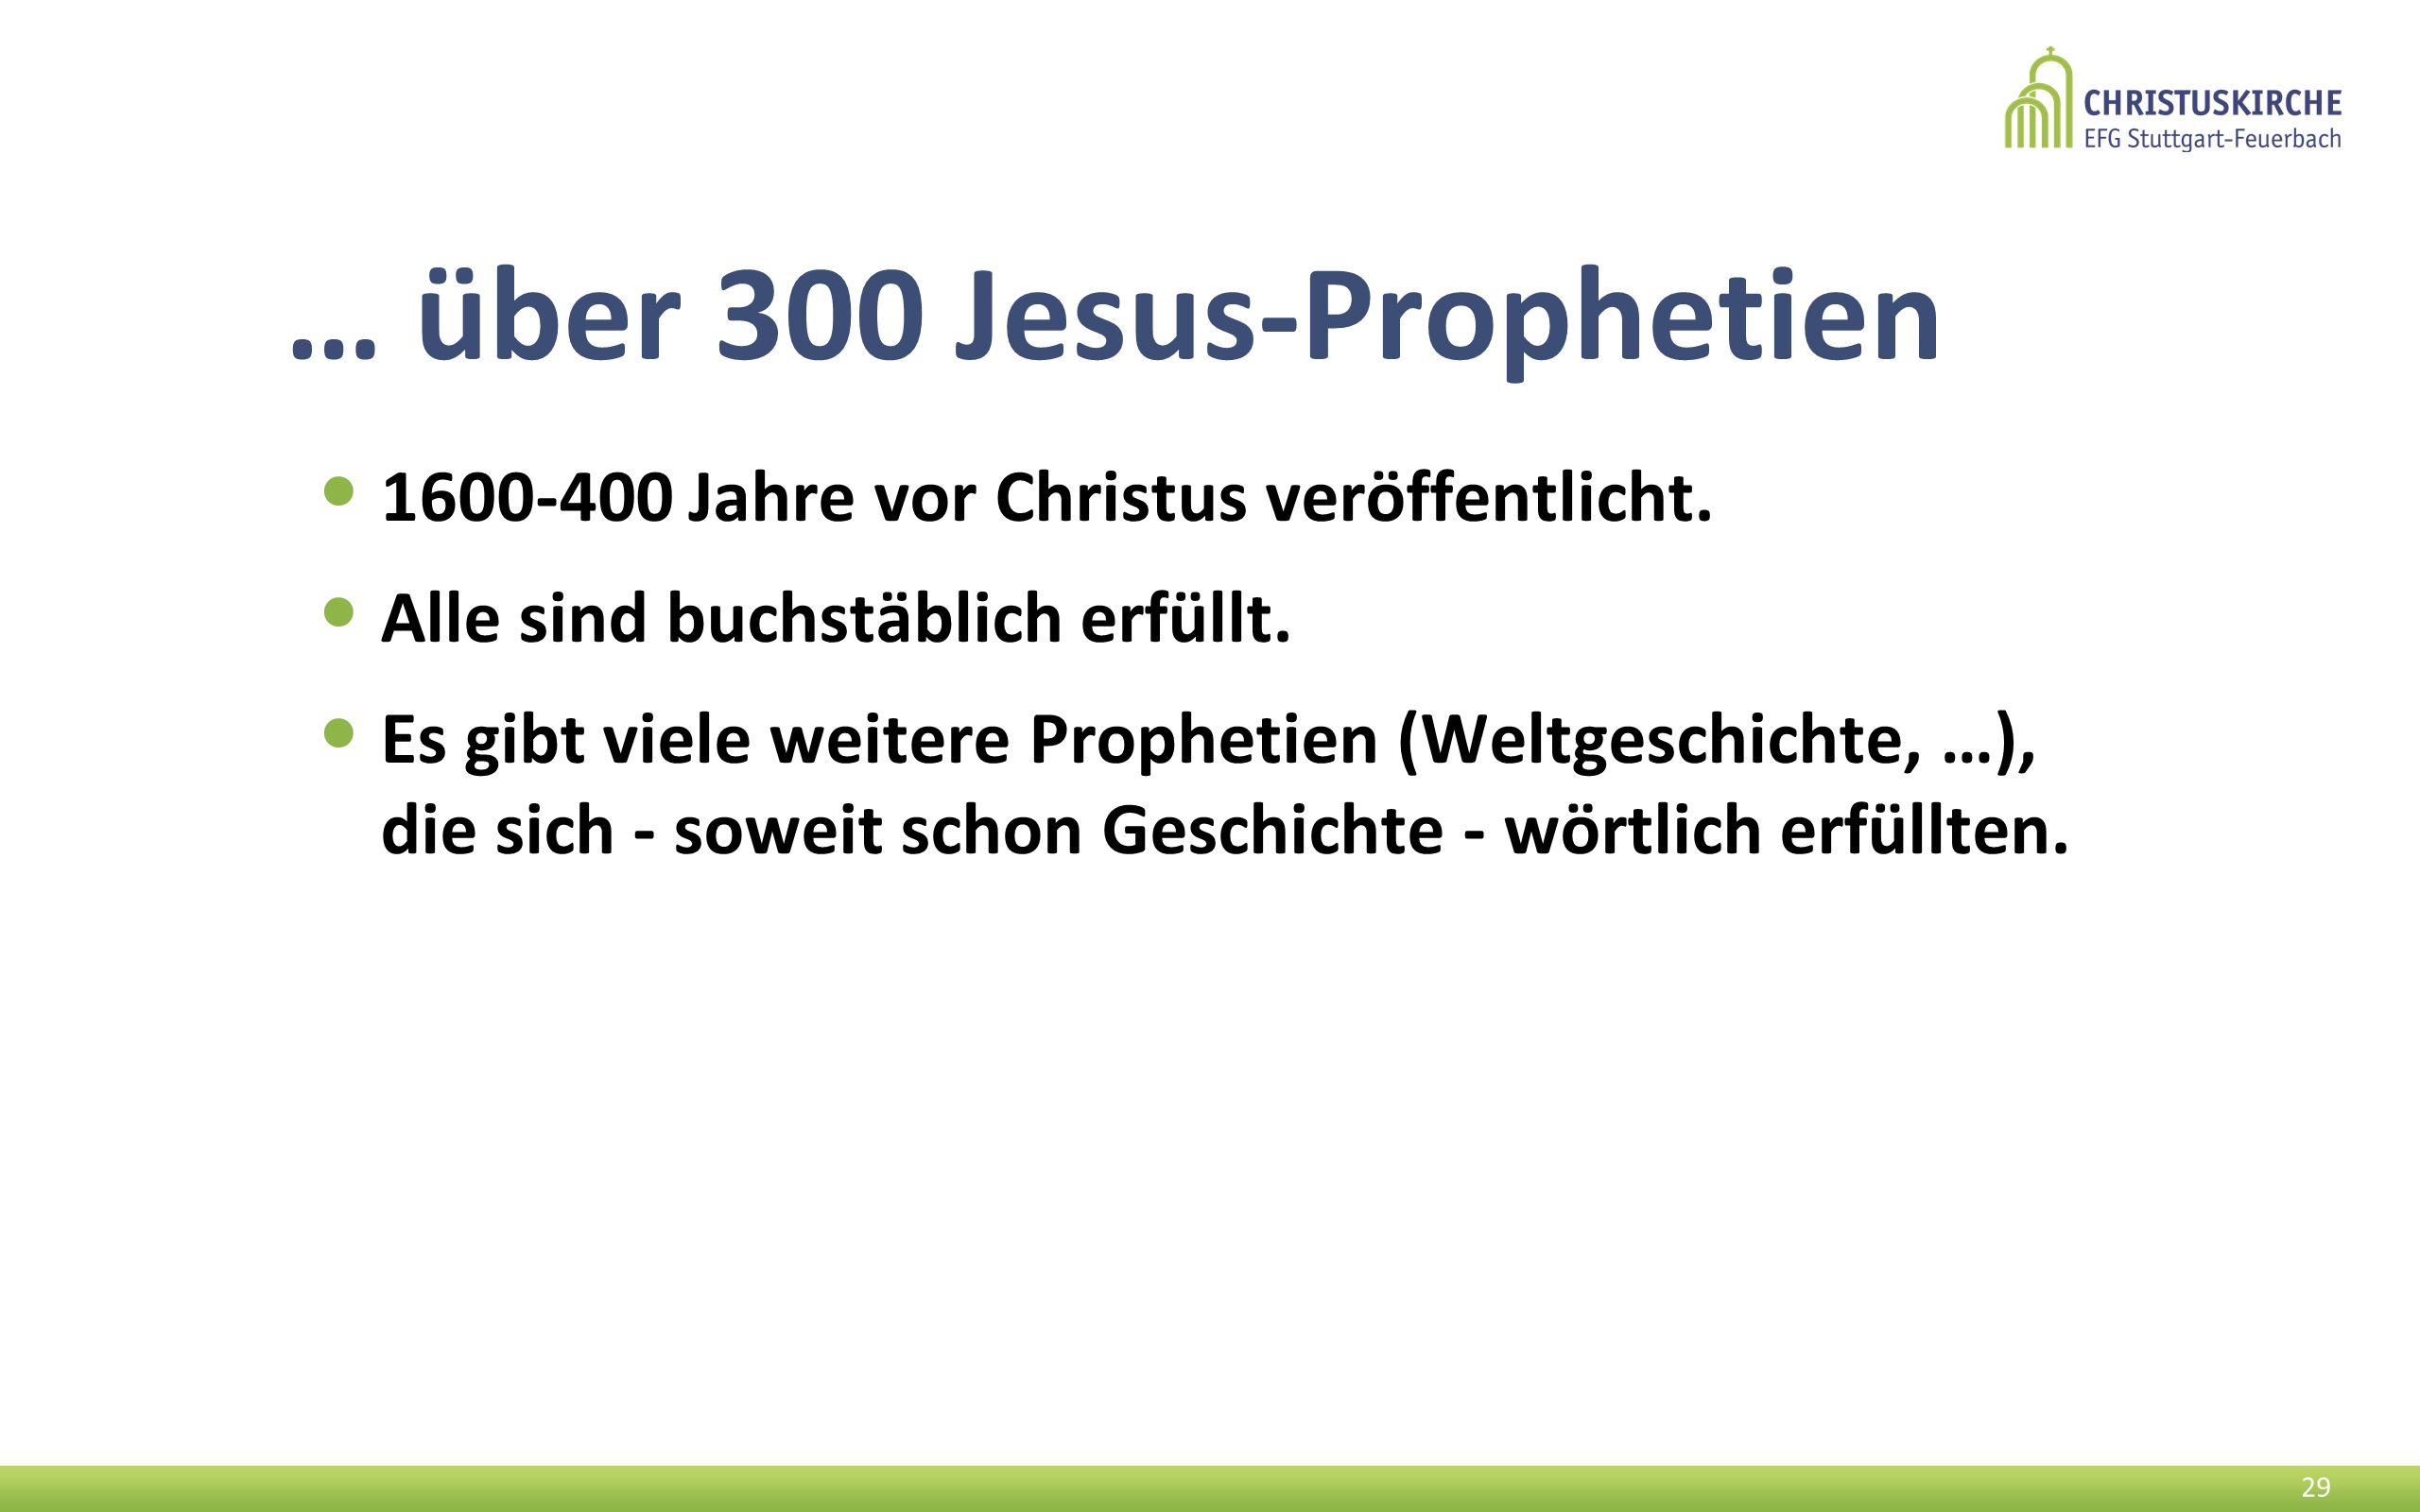 … über 300 Jesus-Prophetien 1600-400 Jahre vor Christus veröffentlicht.